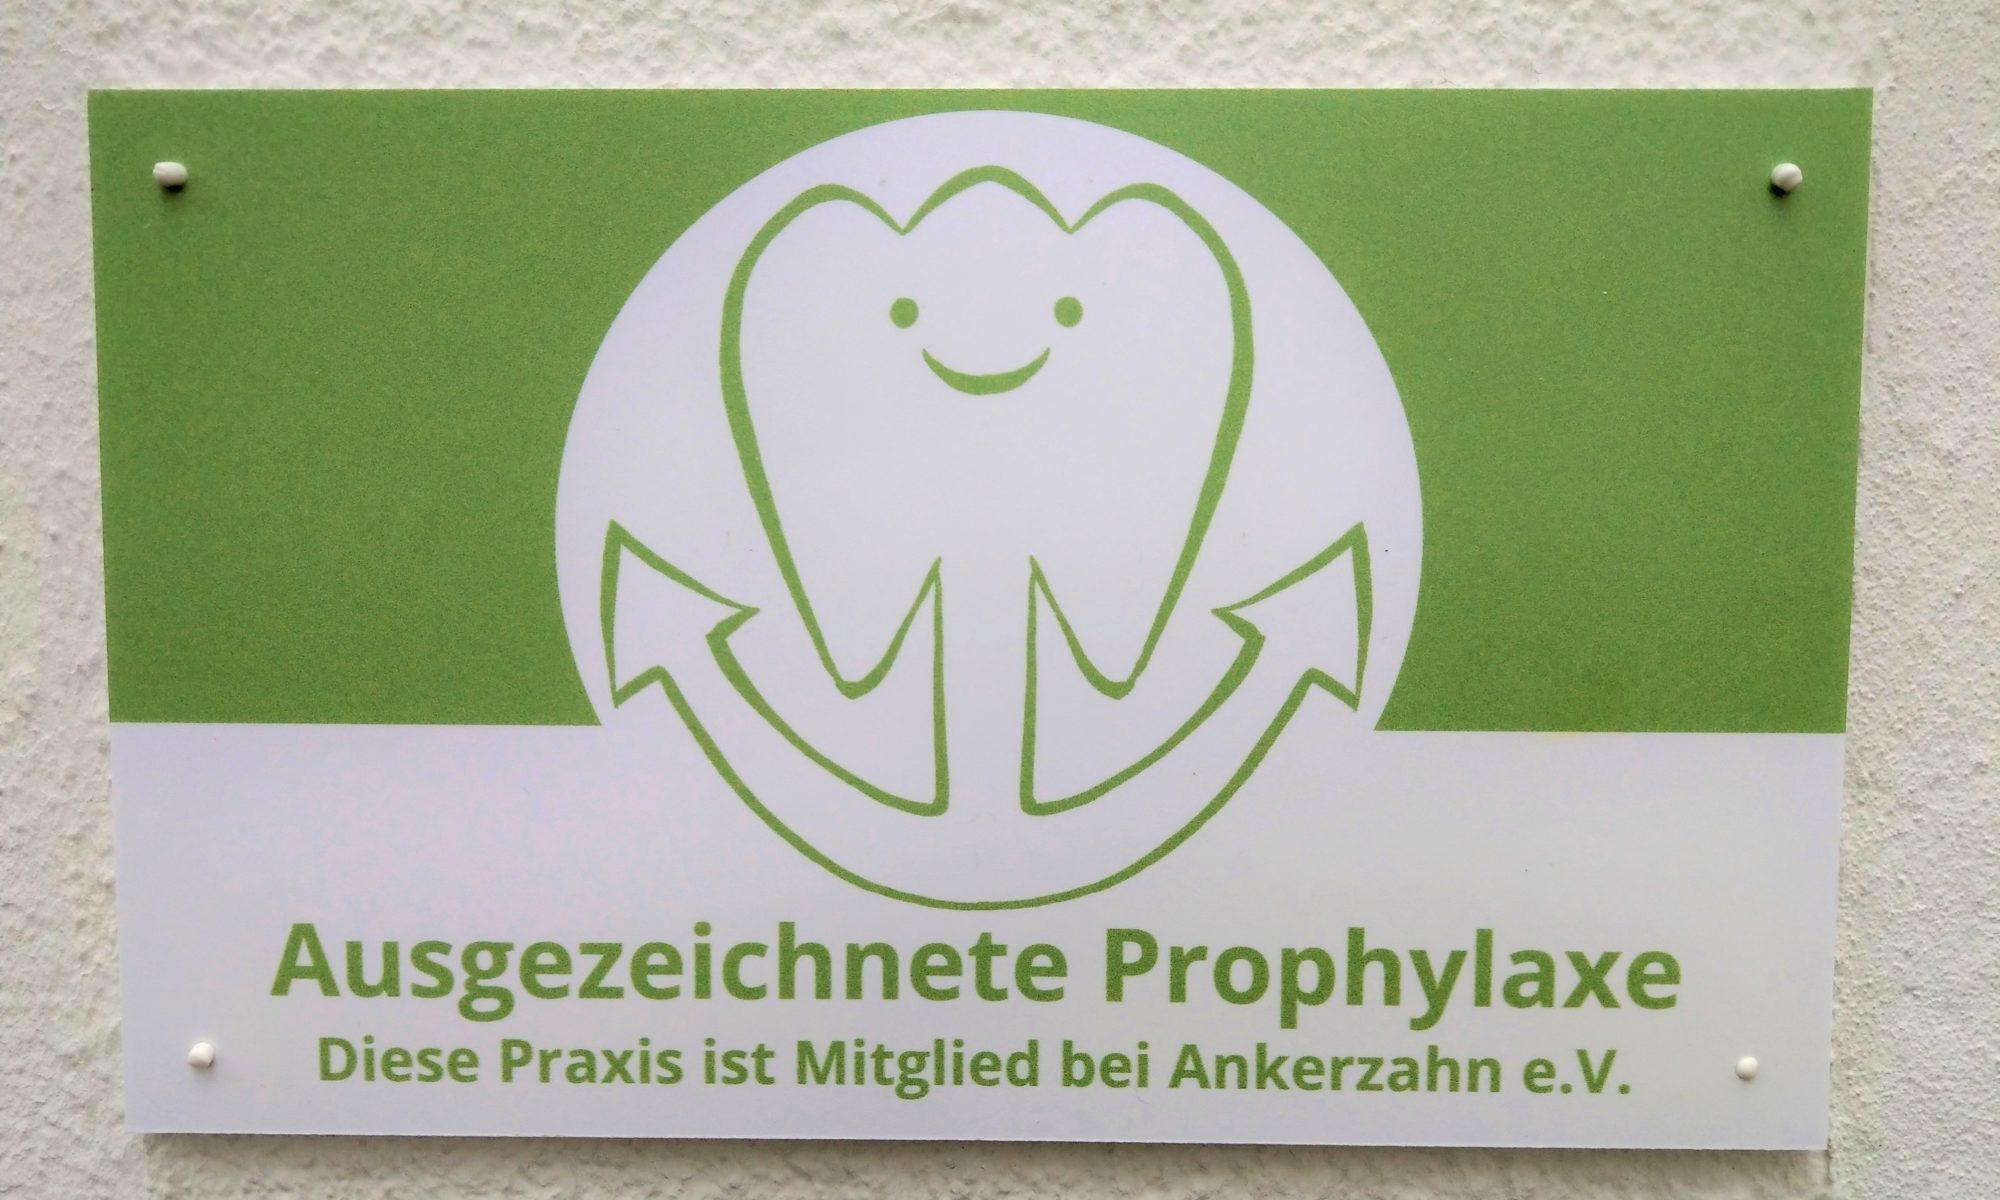 Ausgezeichnete Prophylaxe